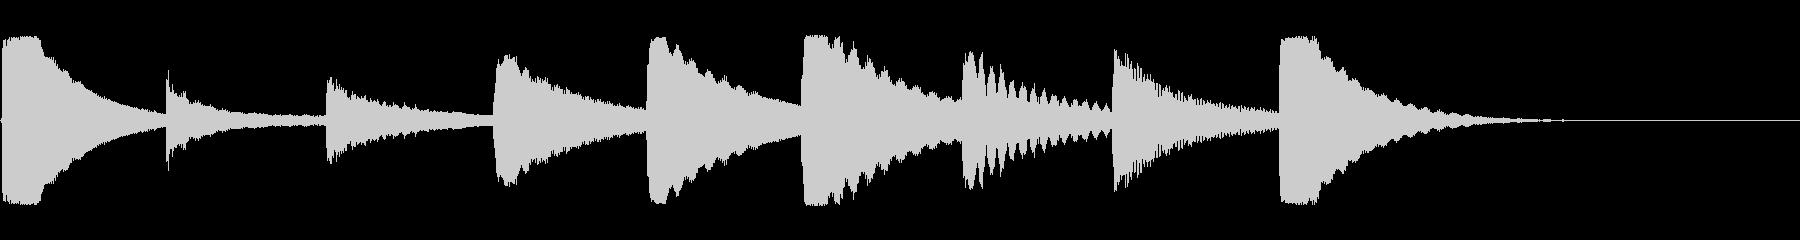 可愛いジングル【カリンバの生演奏】の未再生の波形